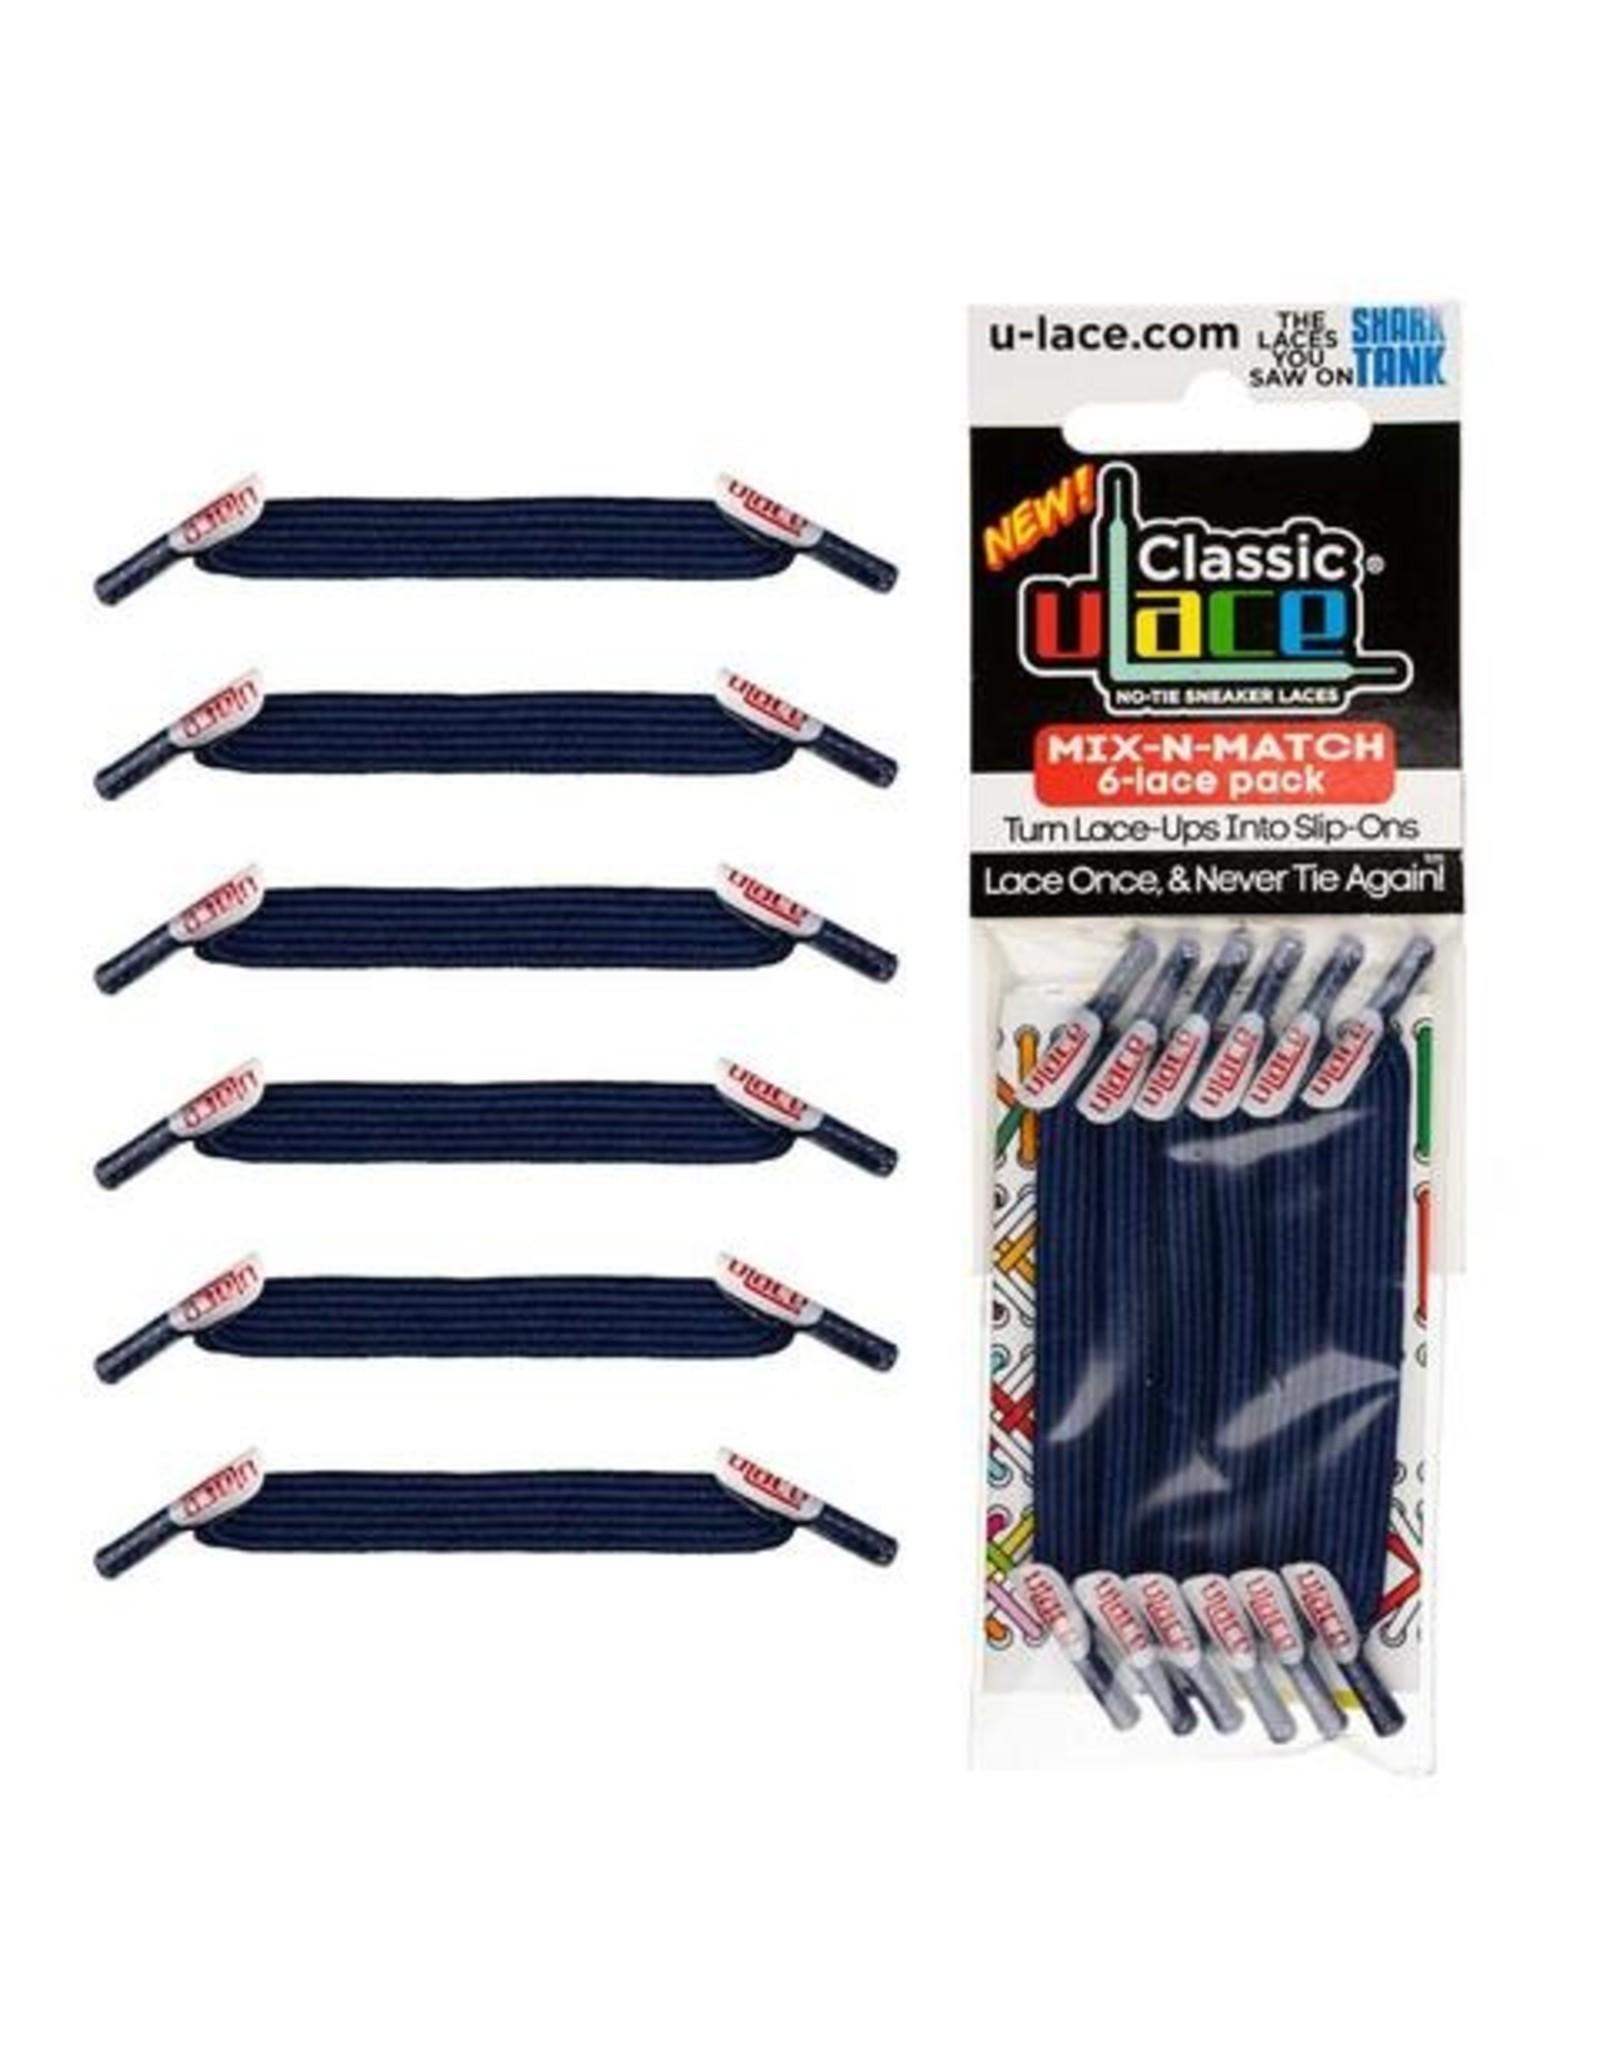 U-Lace Classic U-Lace